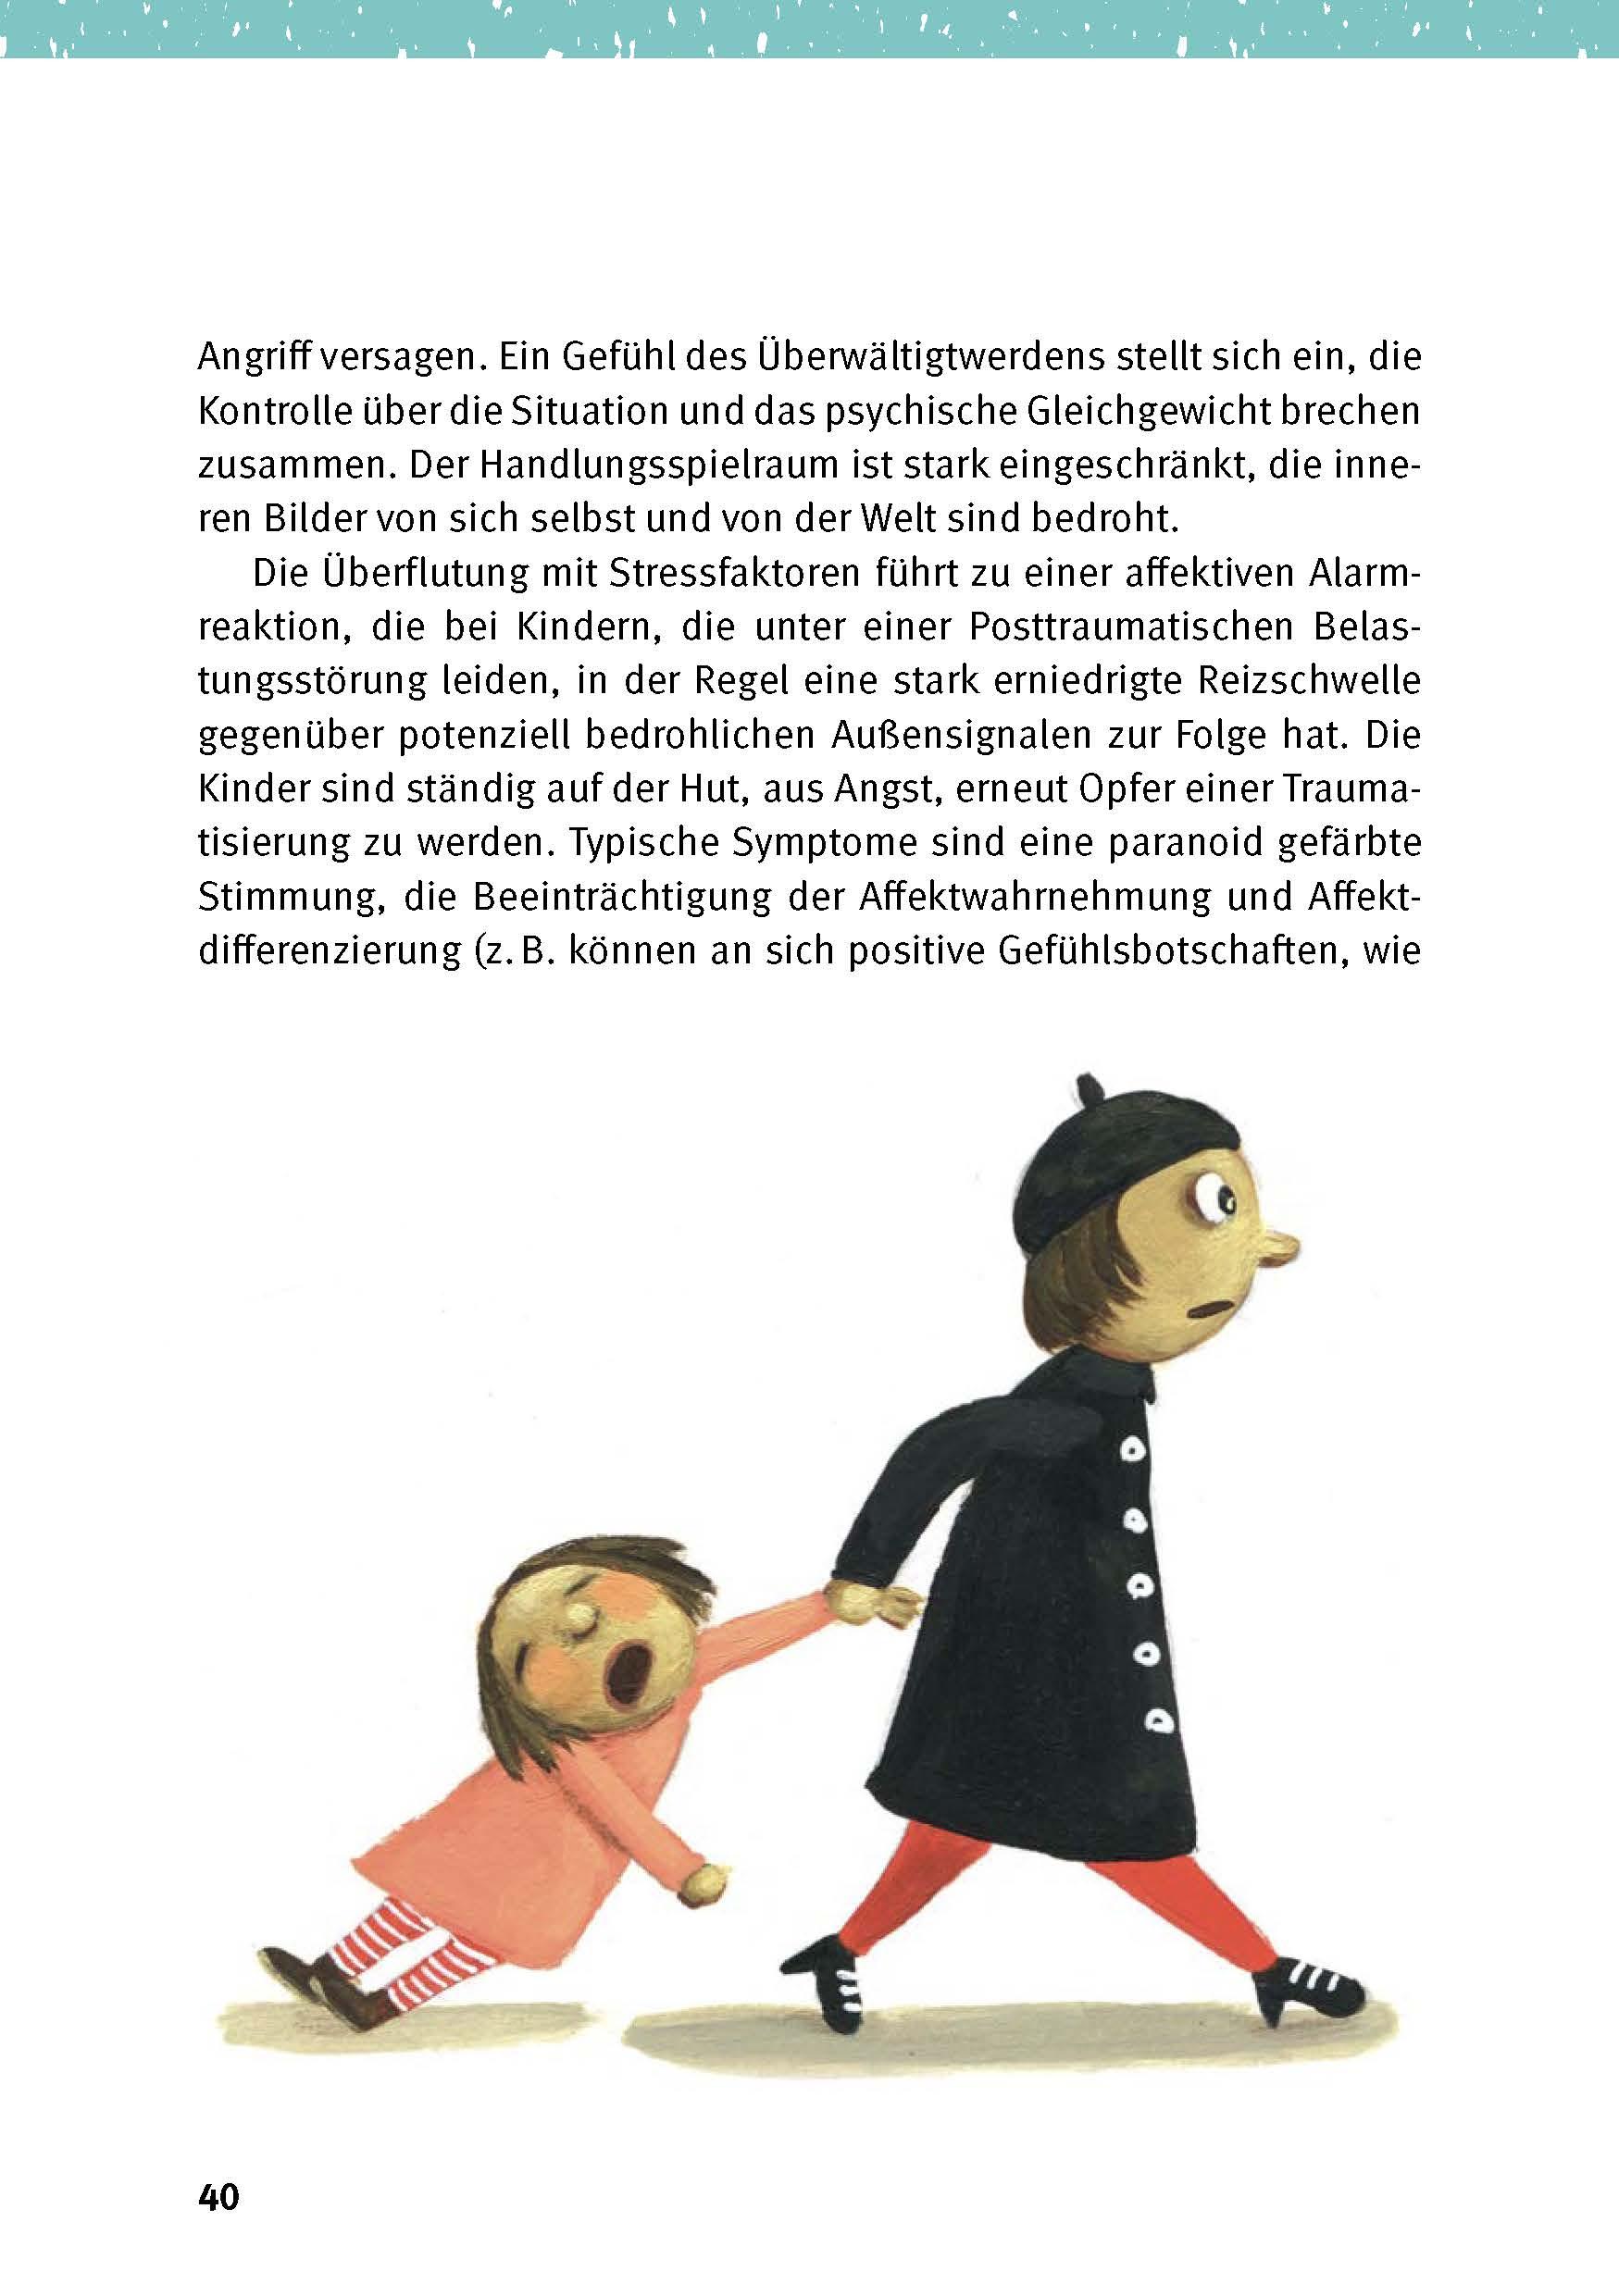 Innenansicht zu Kinderschutz: Gewaltfreie Pädagogik in der Kita